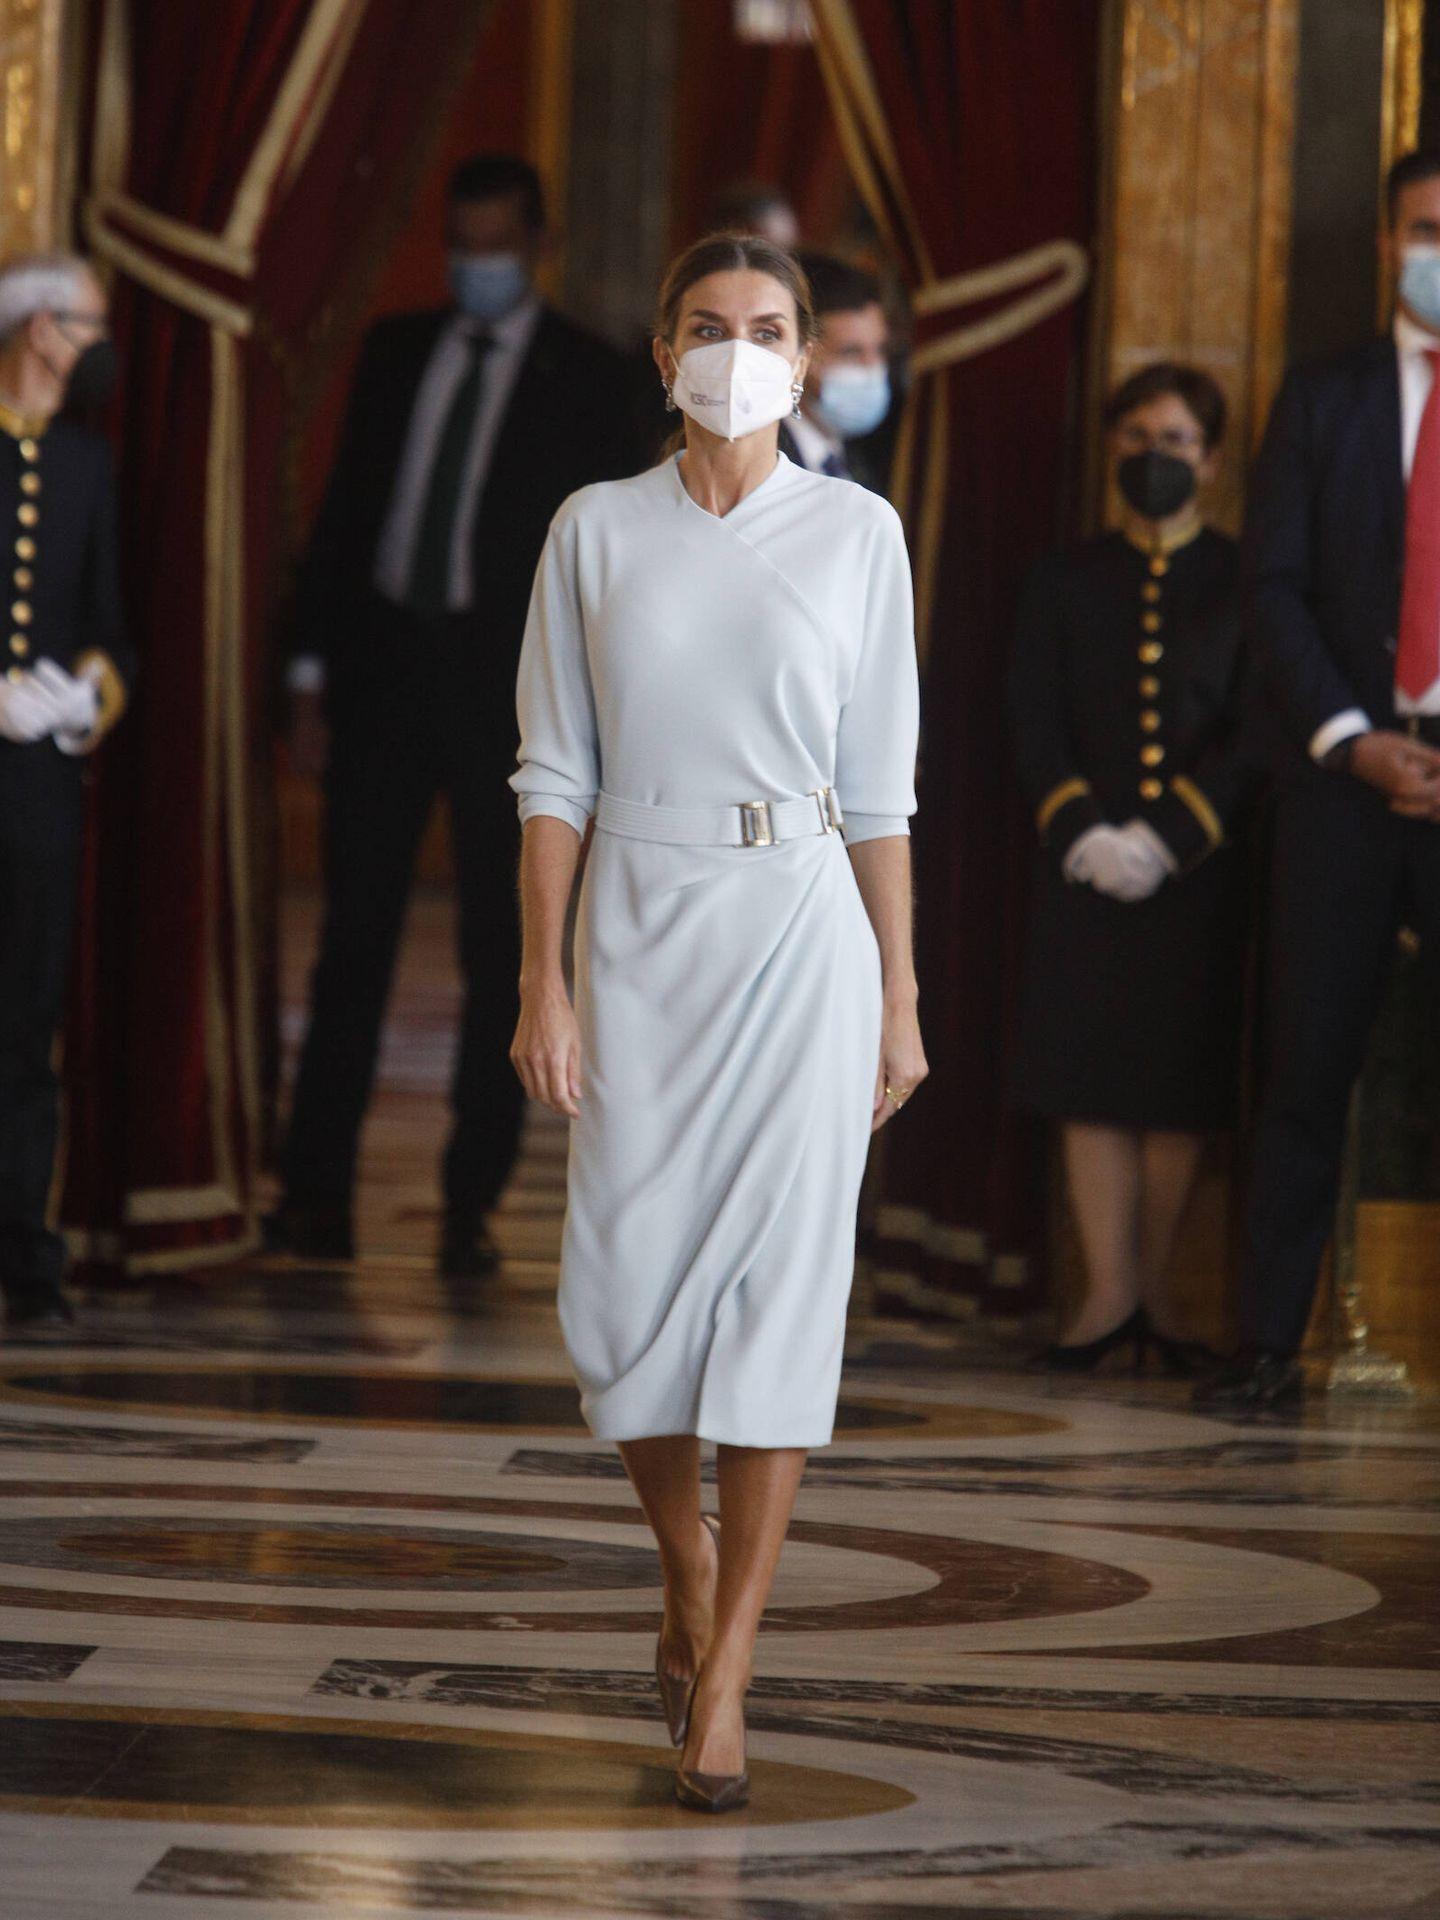 La reina Letizia, antes de la recepción. (Limited Pictures)